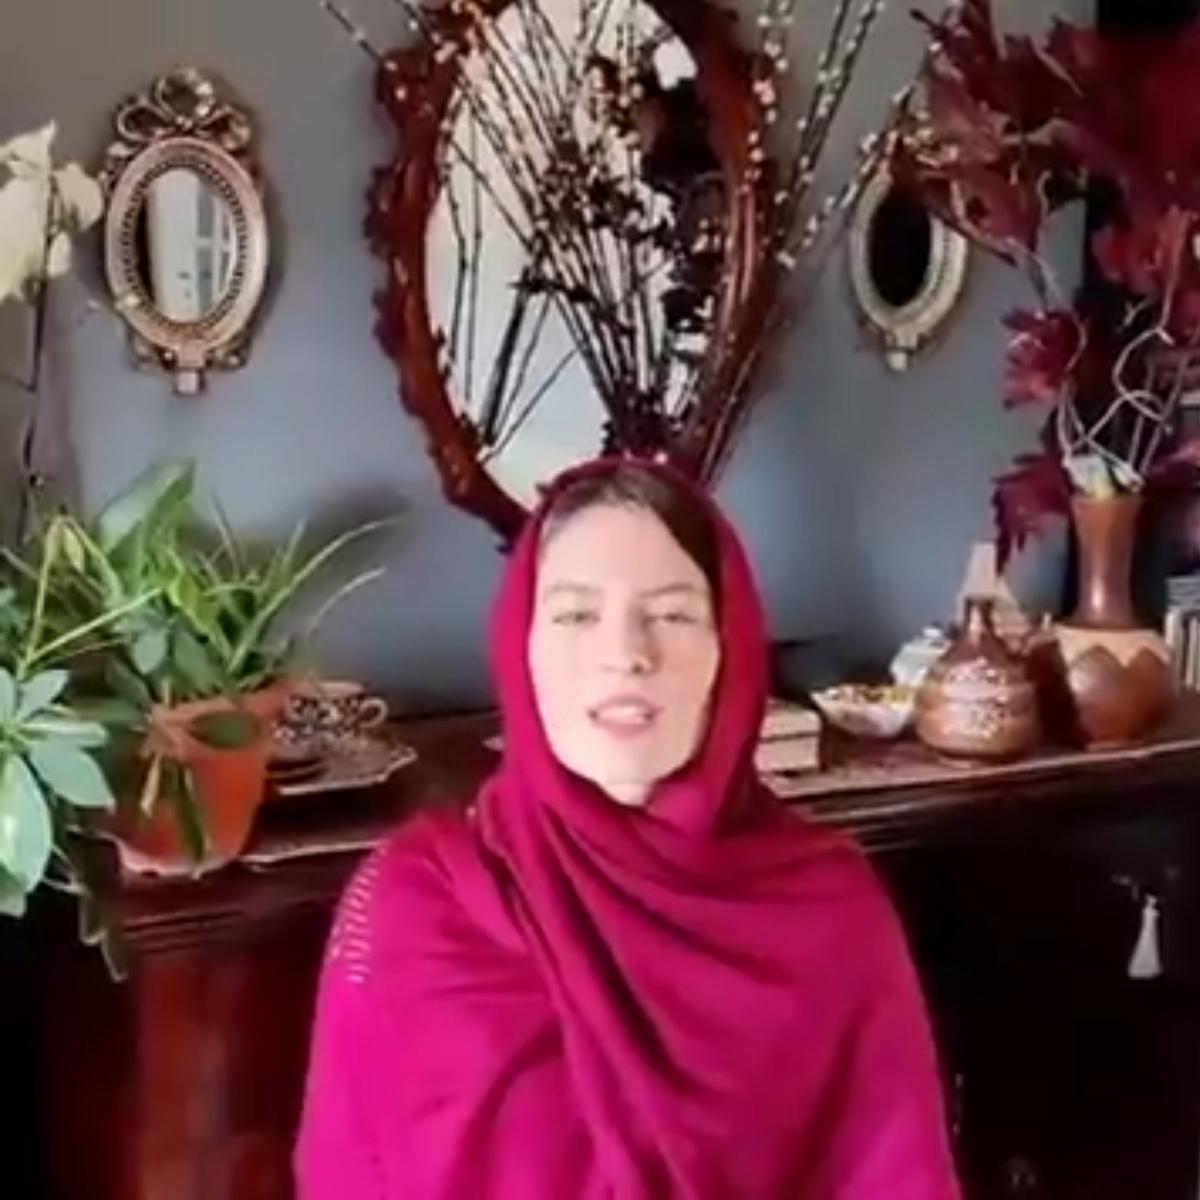 نرم نرمک میرسد اینک بهار؛ خوش به حال روزگار... + ویدئو